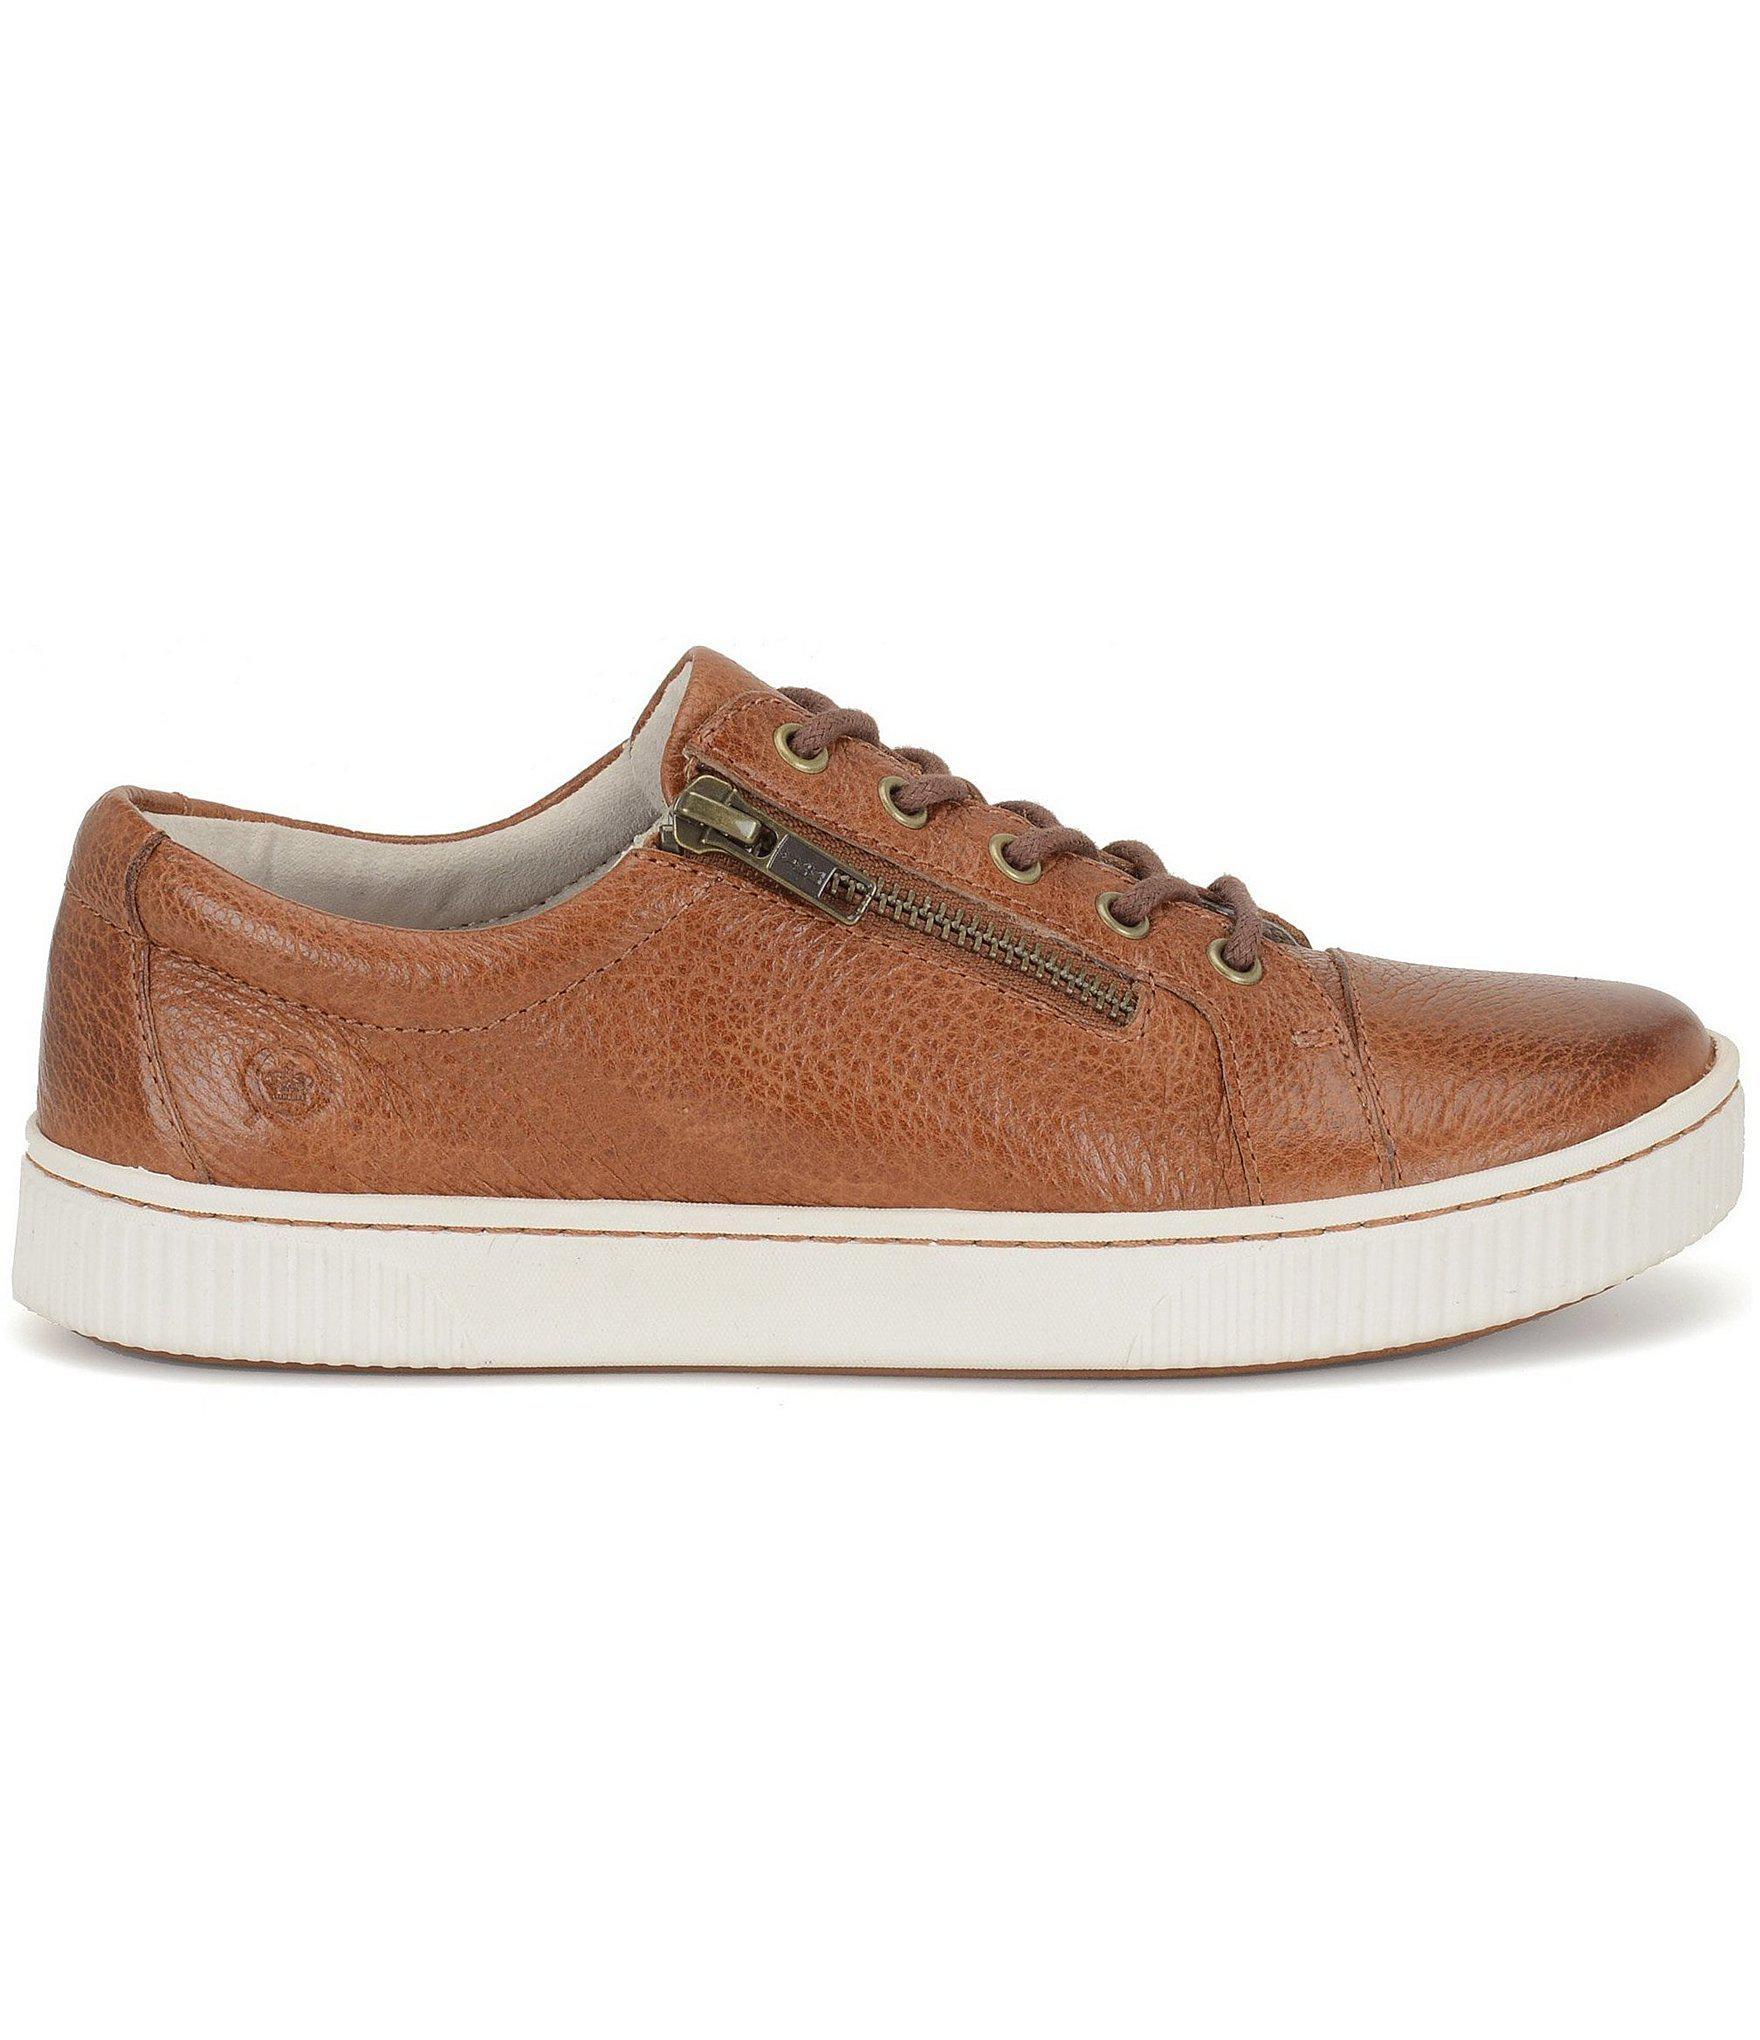 b9ece020600 Born - Brown Tamara Casual Zip Leather Sneakers - Lyst. View fullscreen